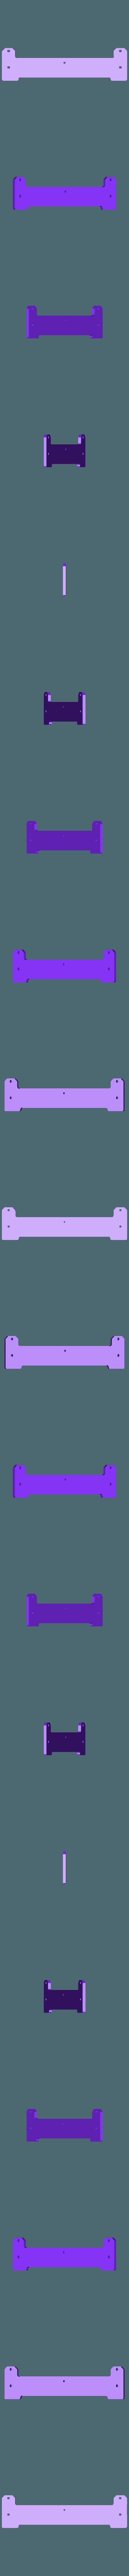 Frontal_base_larga.stl Télécharger fichier STL gratuit Amélioration du lit pour Prusa i3 • Plan imprimable en 3D, BQ_3D